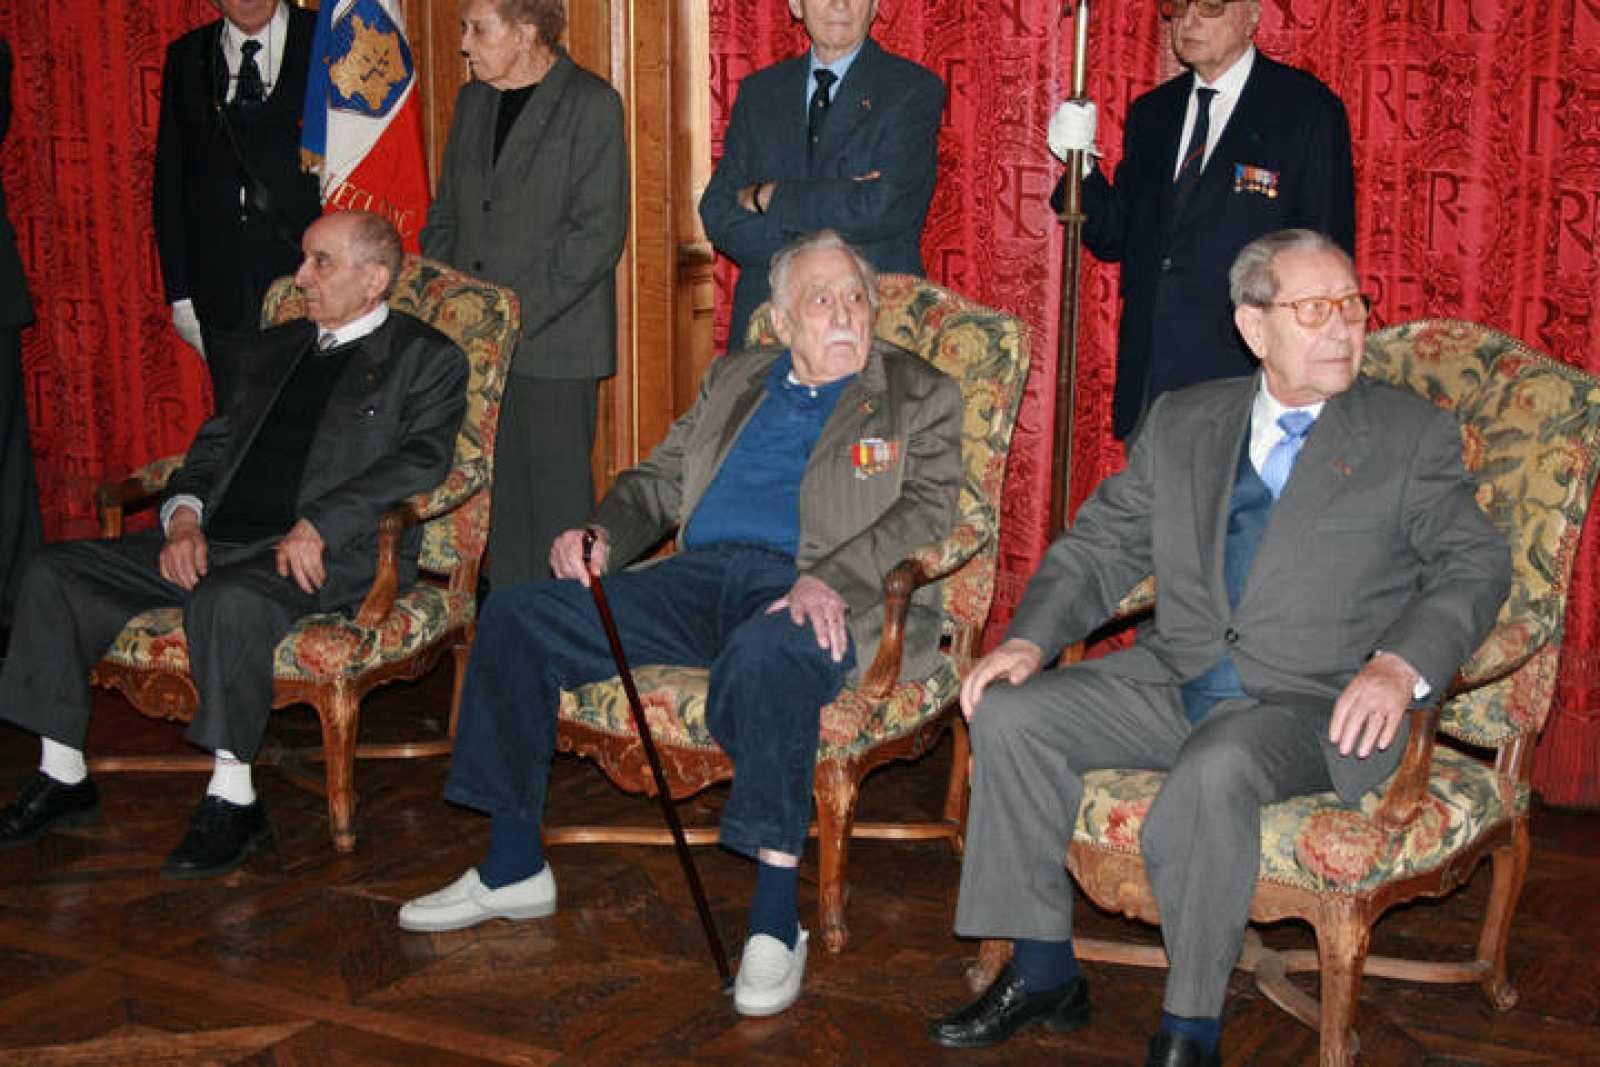 Acto en el ayuntamiento de París durante la entregade las medallas bermejas (medaille vermeil) a los sobrevivientes de La Nueve. De izquierda a derecha, Rafael Gómez, Luis Royo y Manuel Fernández.